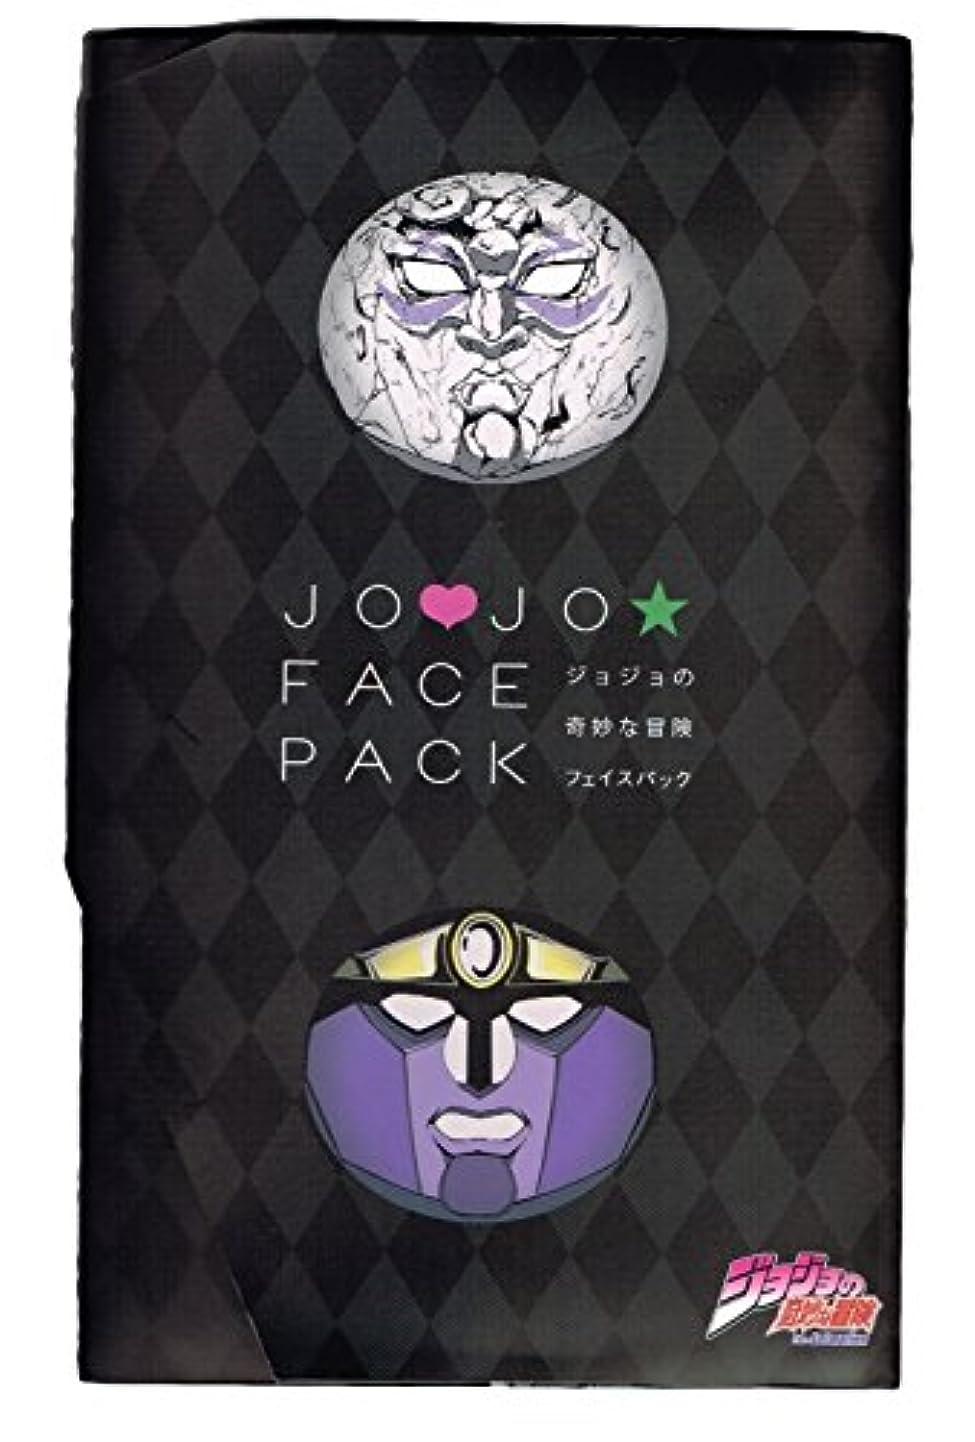 横たわる完璧採用するジョジョの奇妙な冒険フェイスパック 石仮面 / スタープラチナ